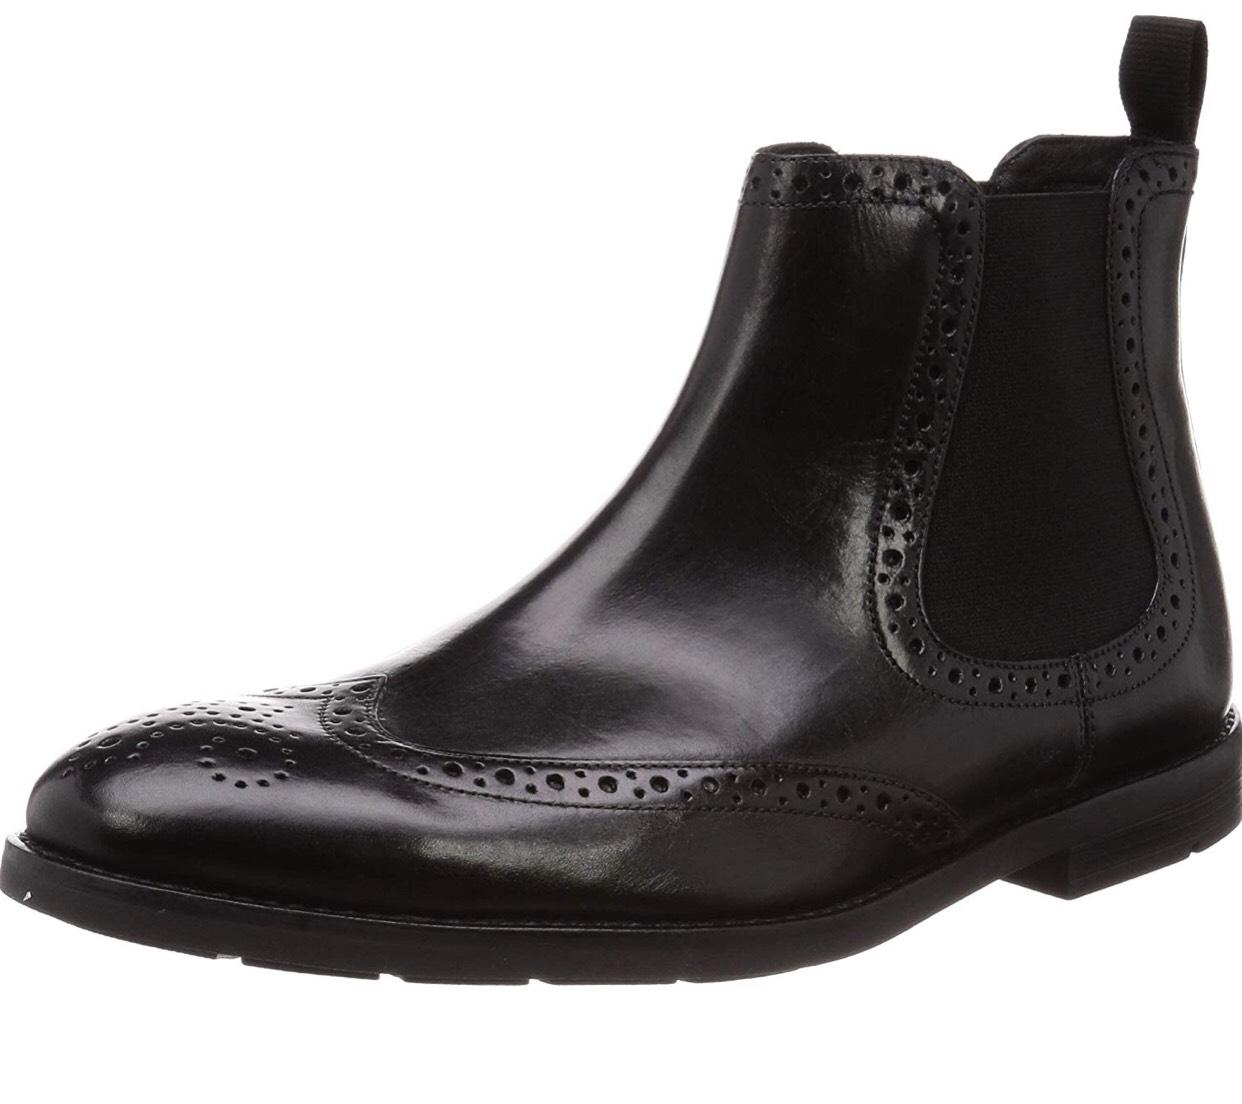 low priced b2564 41c1d Clarks Chelsea Boots in schwarz (verschiedene Größen ...